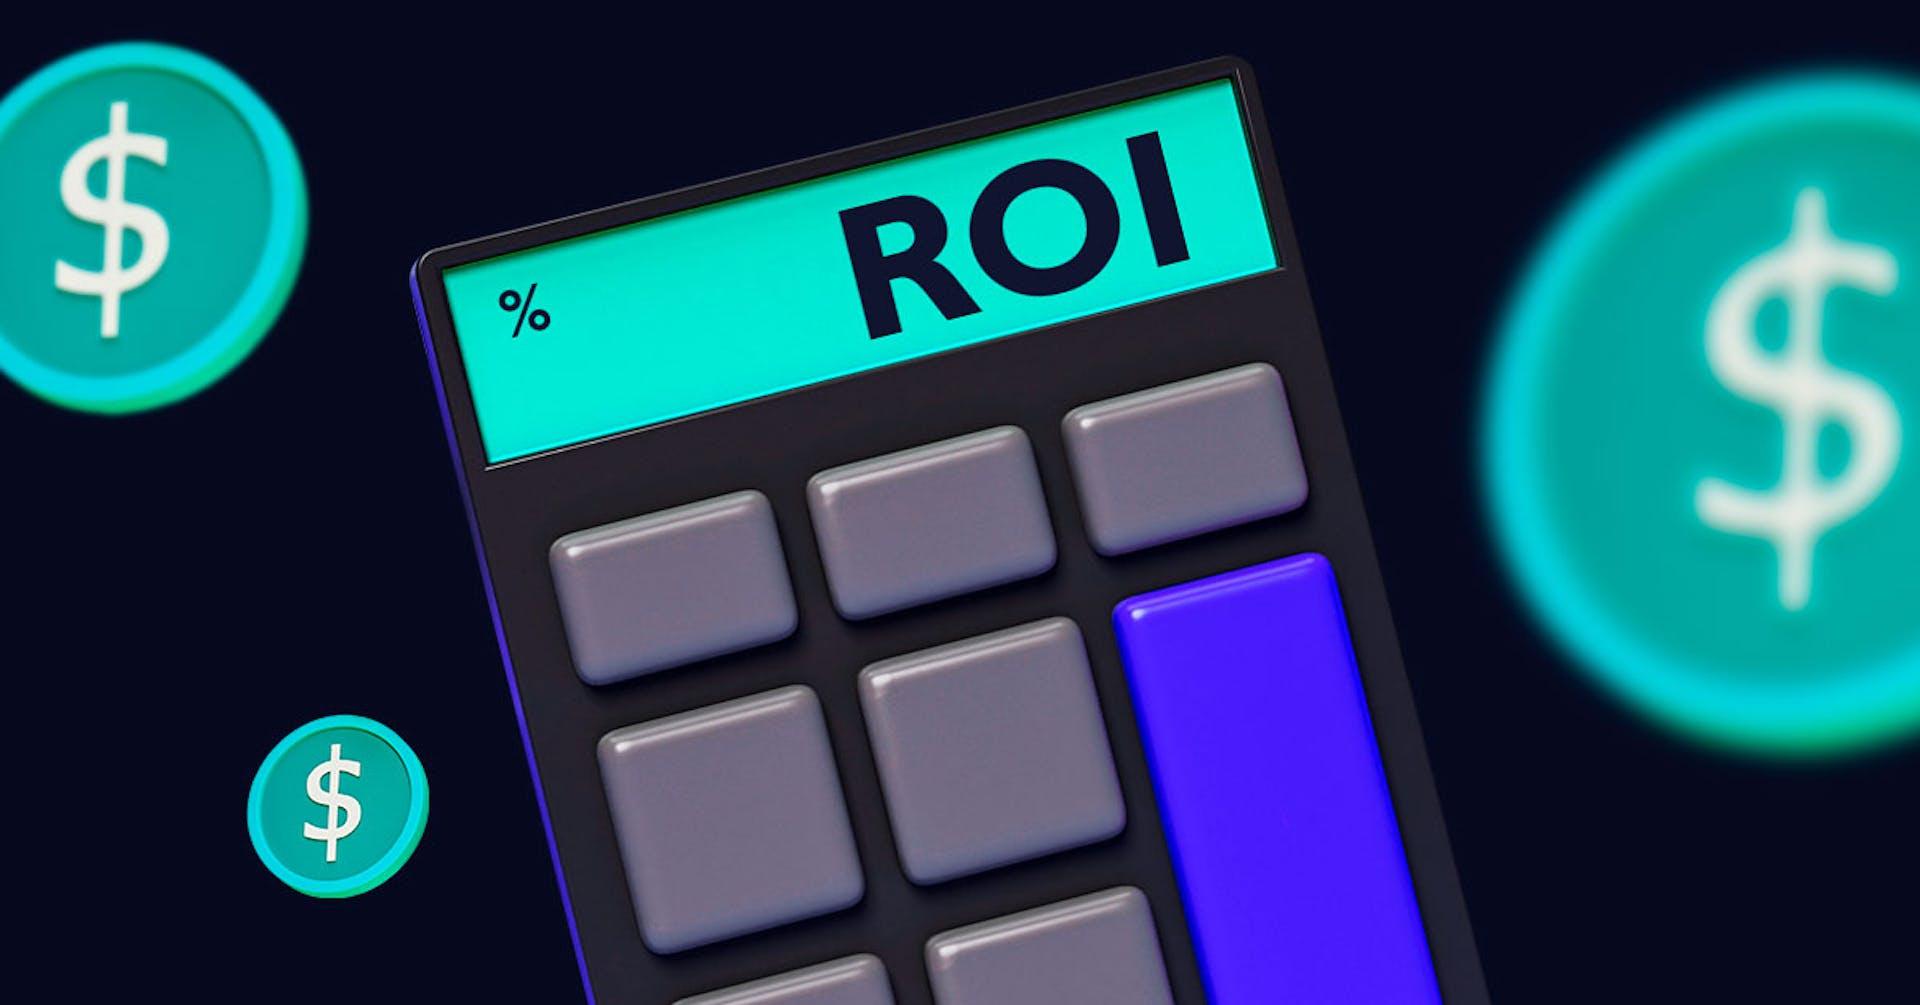 ¿Son exitosas tus inversiones? Conoce qué es el ROI y averígualo